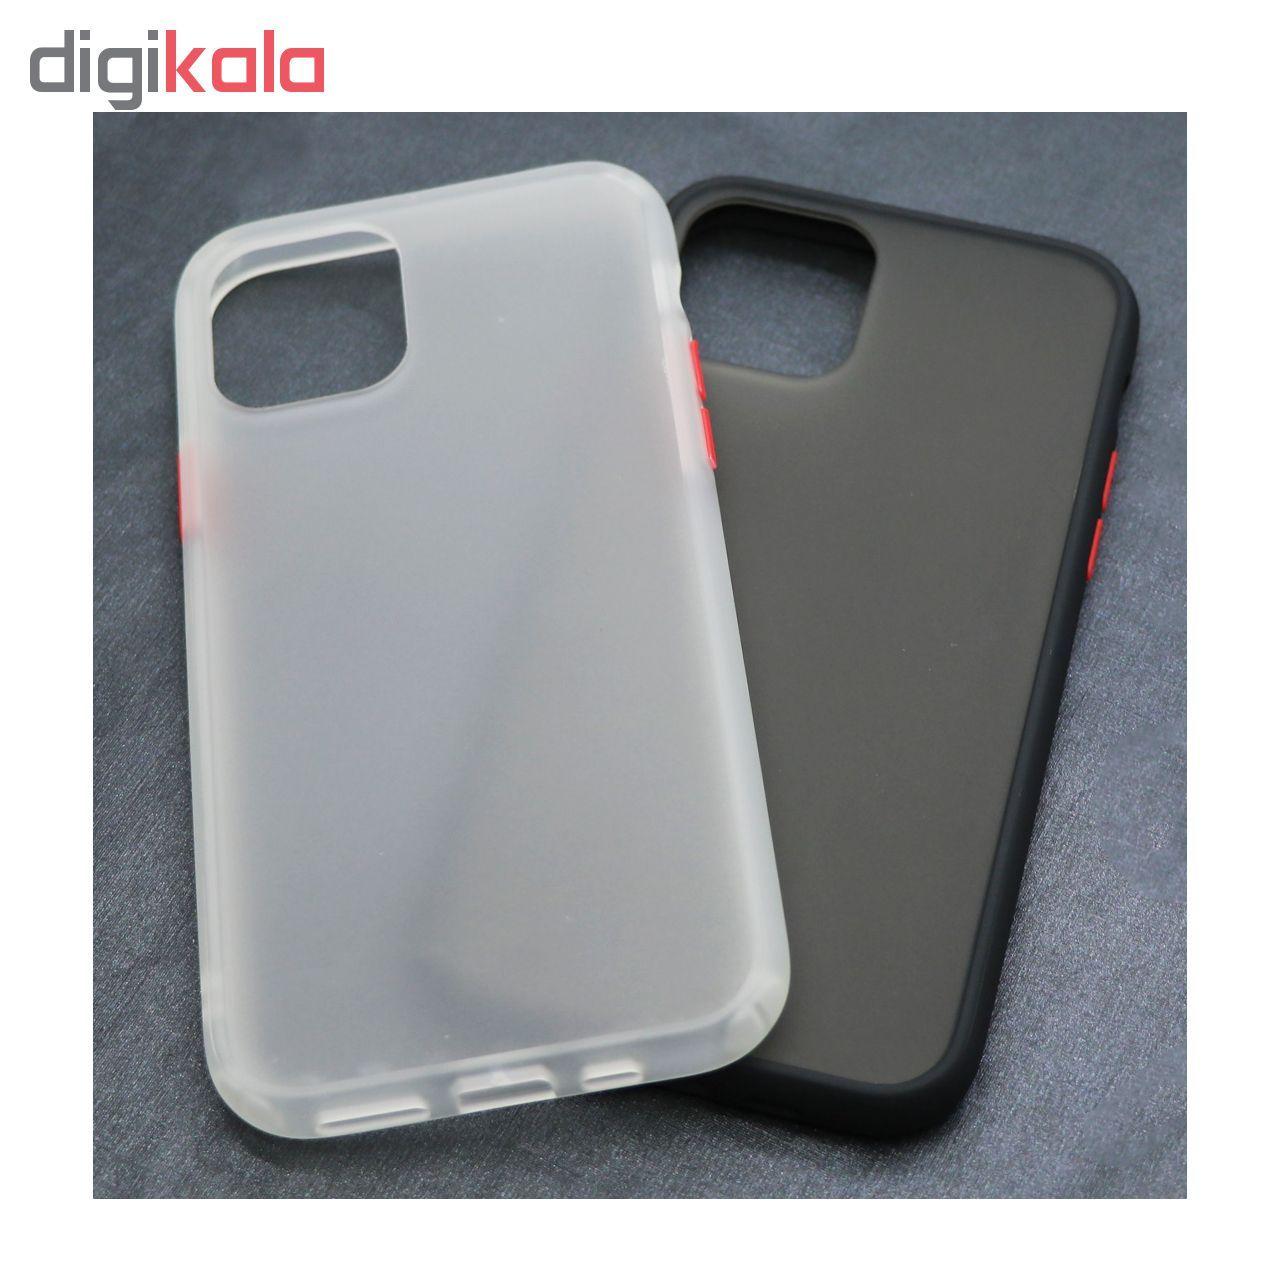 کاور مدل Sb-001 مناسب برای گوشی موبایل اپل Iphone 11 pro  main 1 3